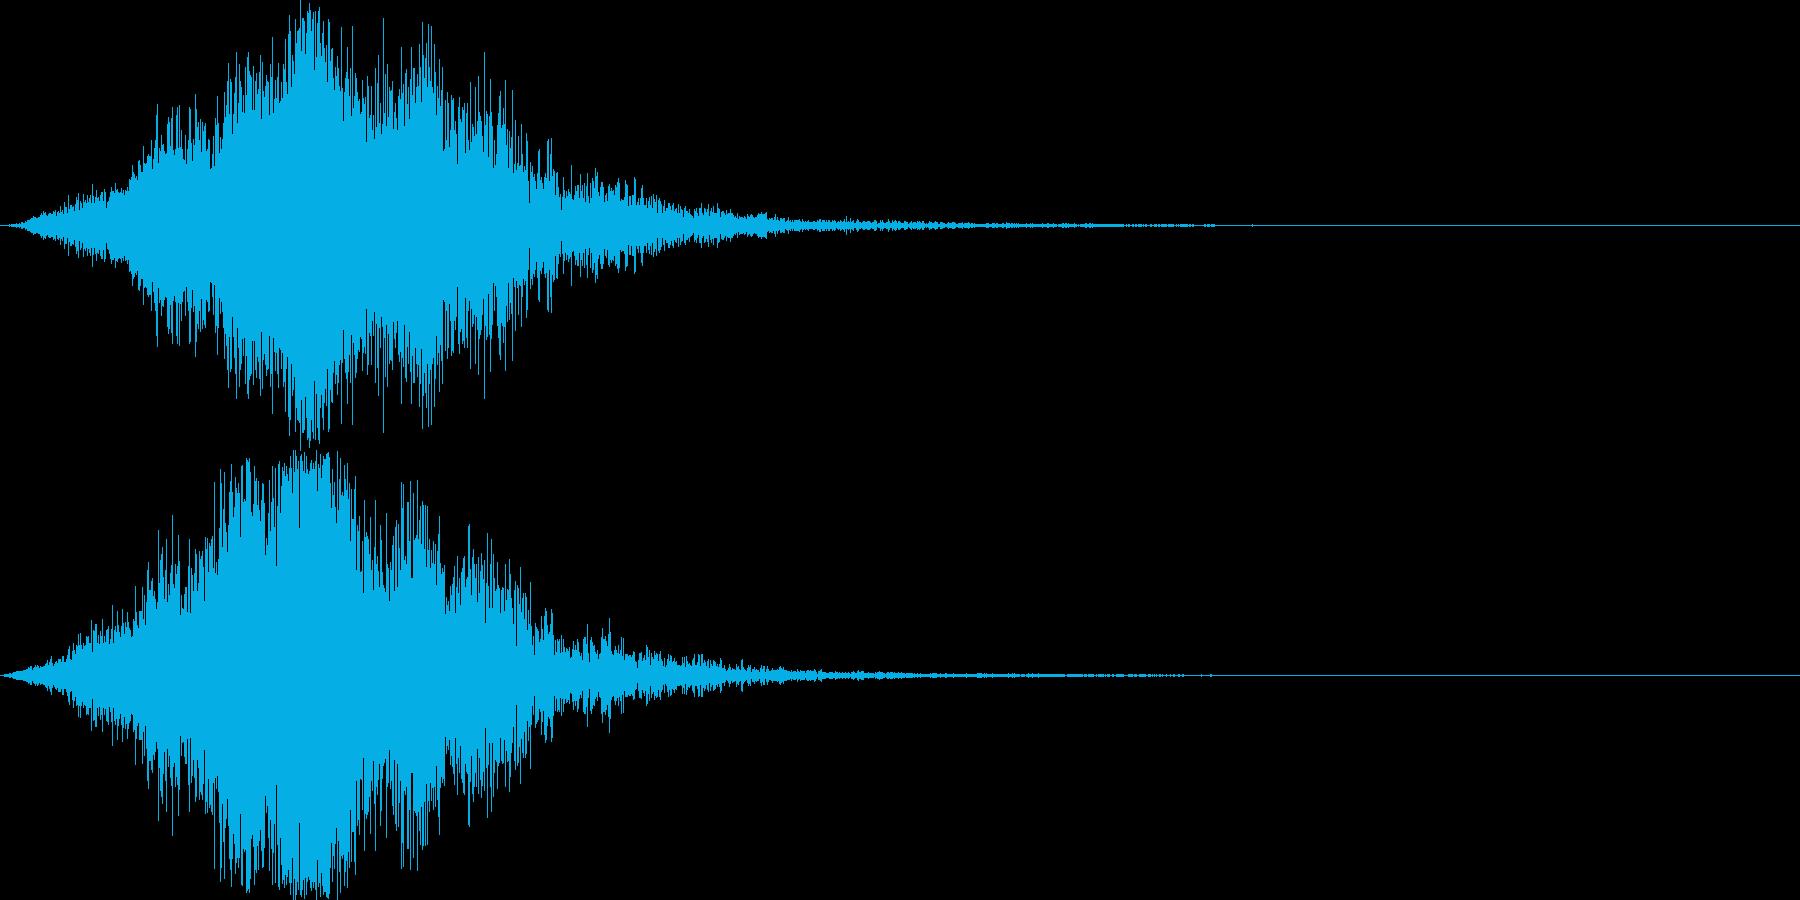 迫力のサウンドロゴ(SF・近未来)の再生済みの波形